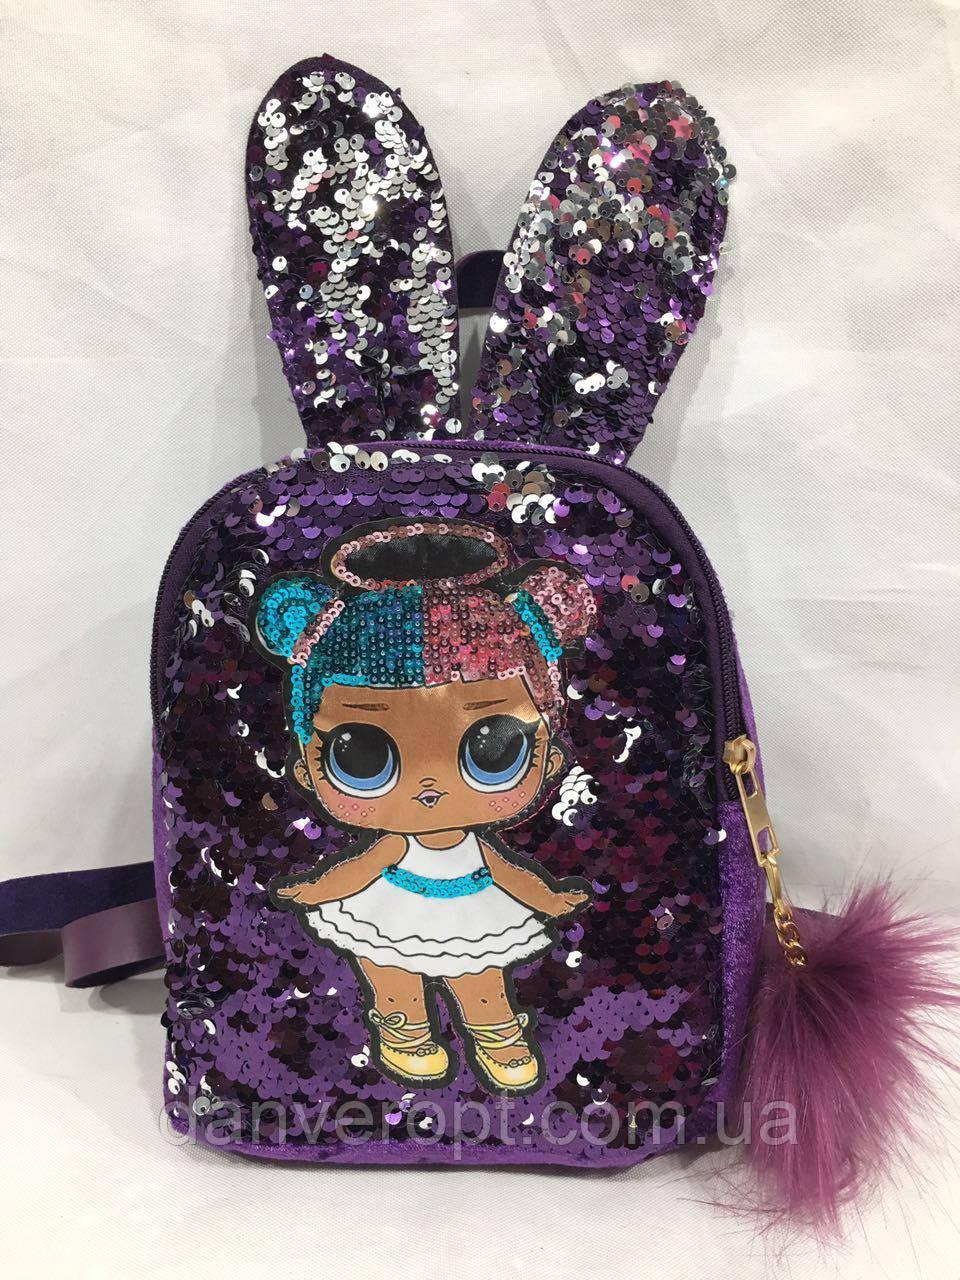 Рюкзак дитячий модний пайетка Лол світиться для дівчинки розмір 21х17х7, купити оптом зі складу 7км Одеса